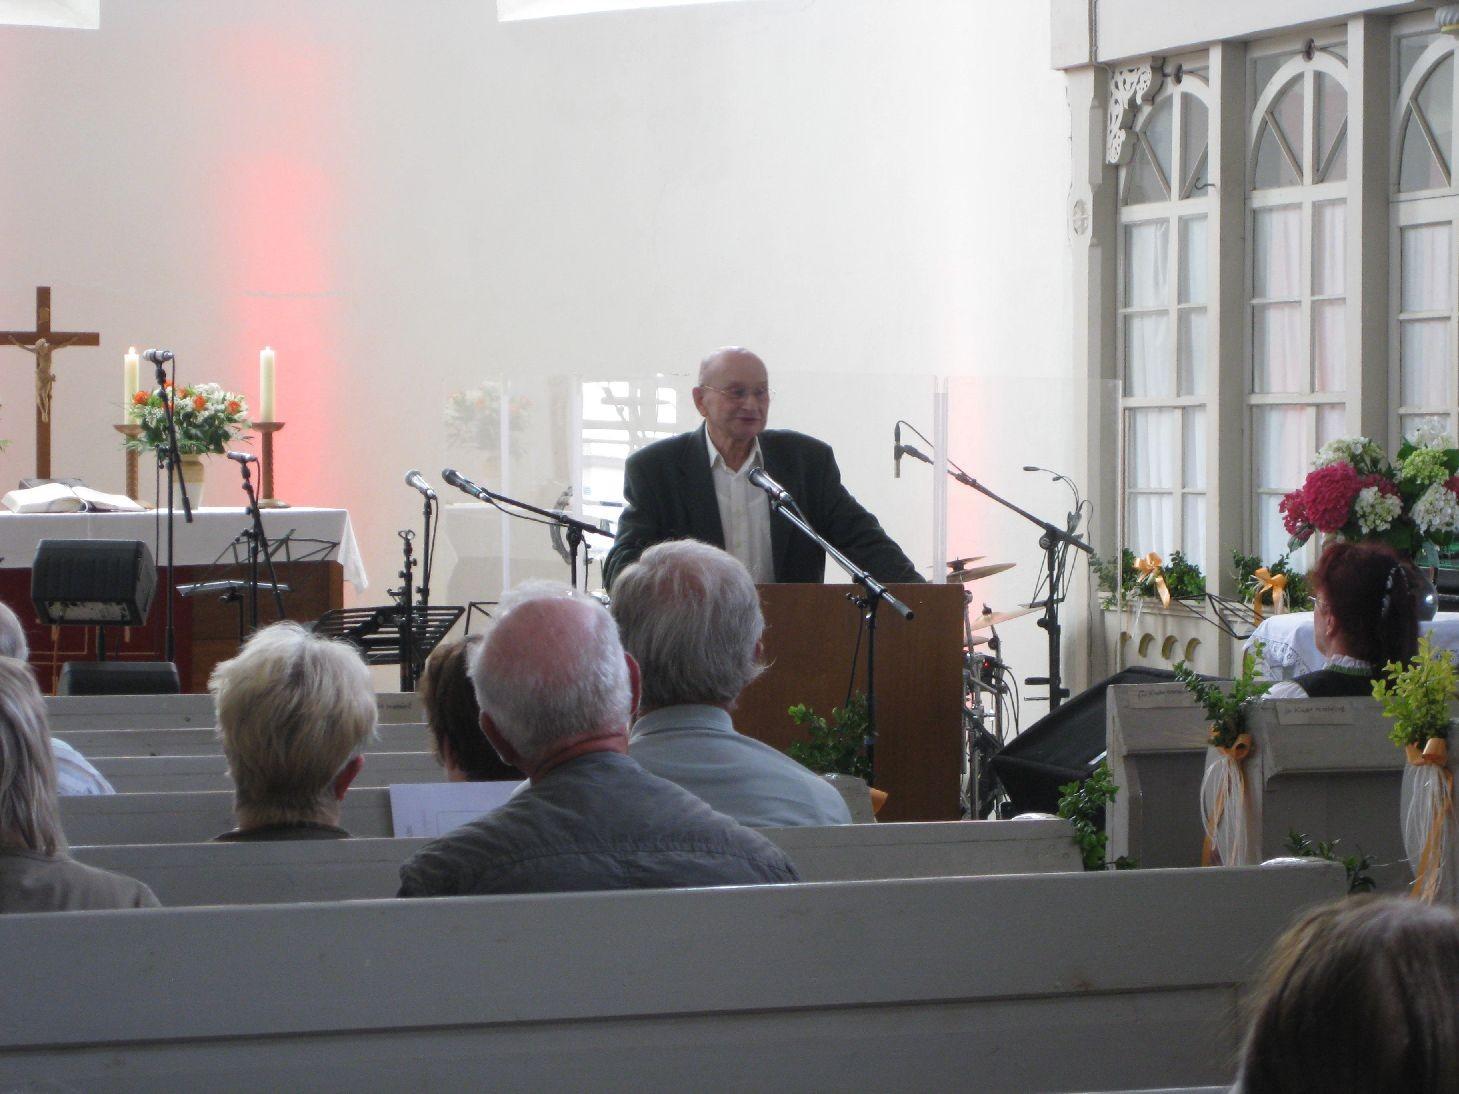 Dr. Adolf Burghardt berichtet uns von der wechselvollen Geschichte der Kirche